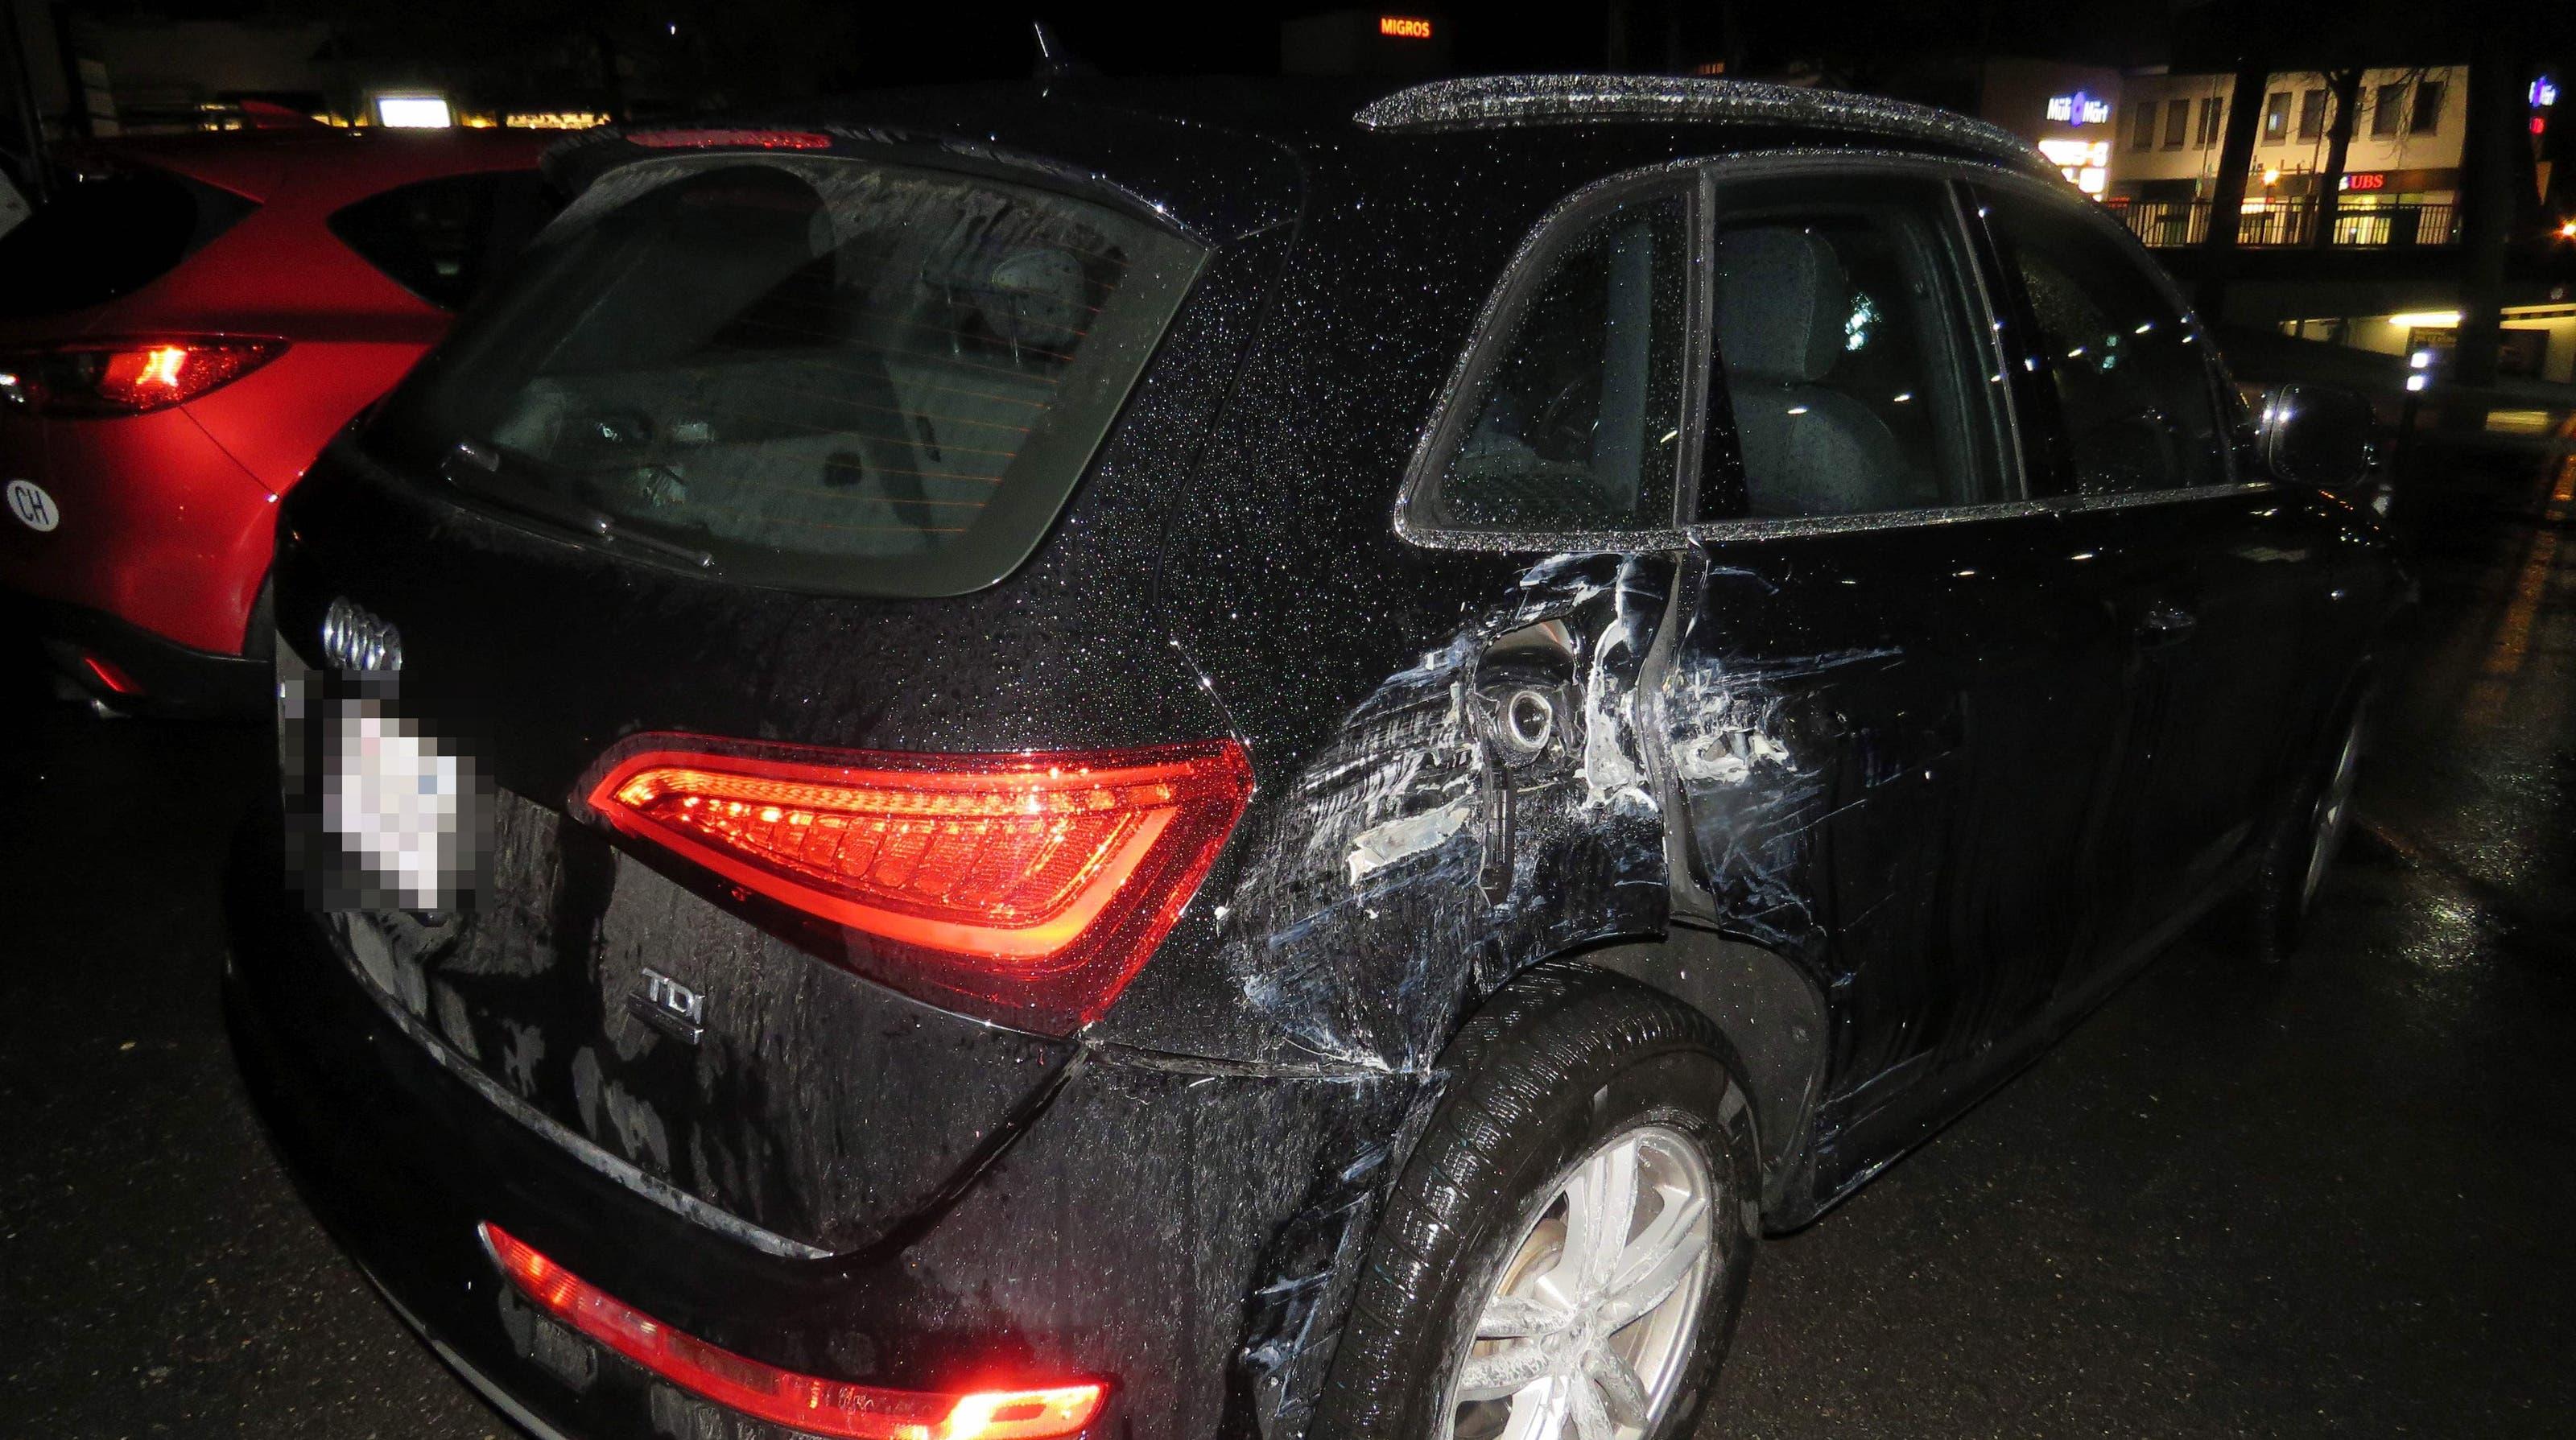 Der Audi prallte daraufhin gegen einen Mazda (nächstes Bild).